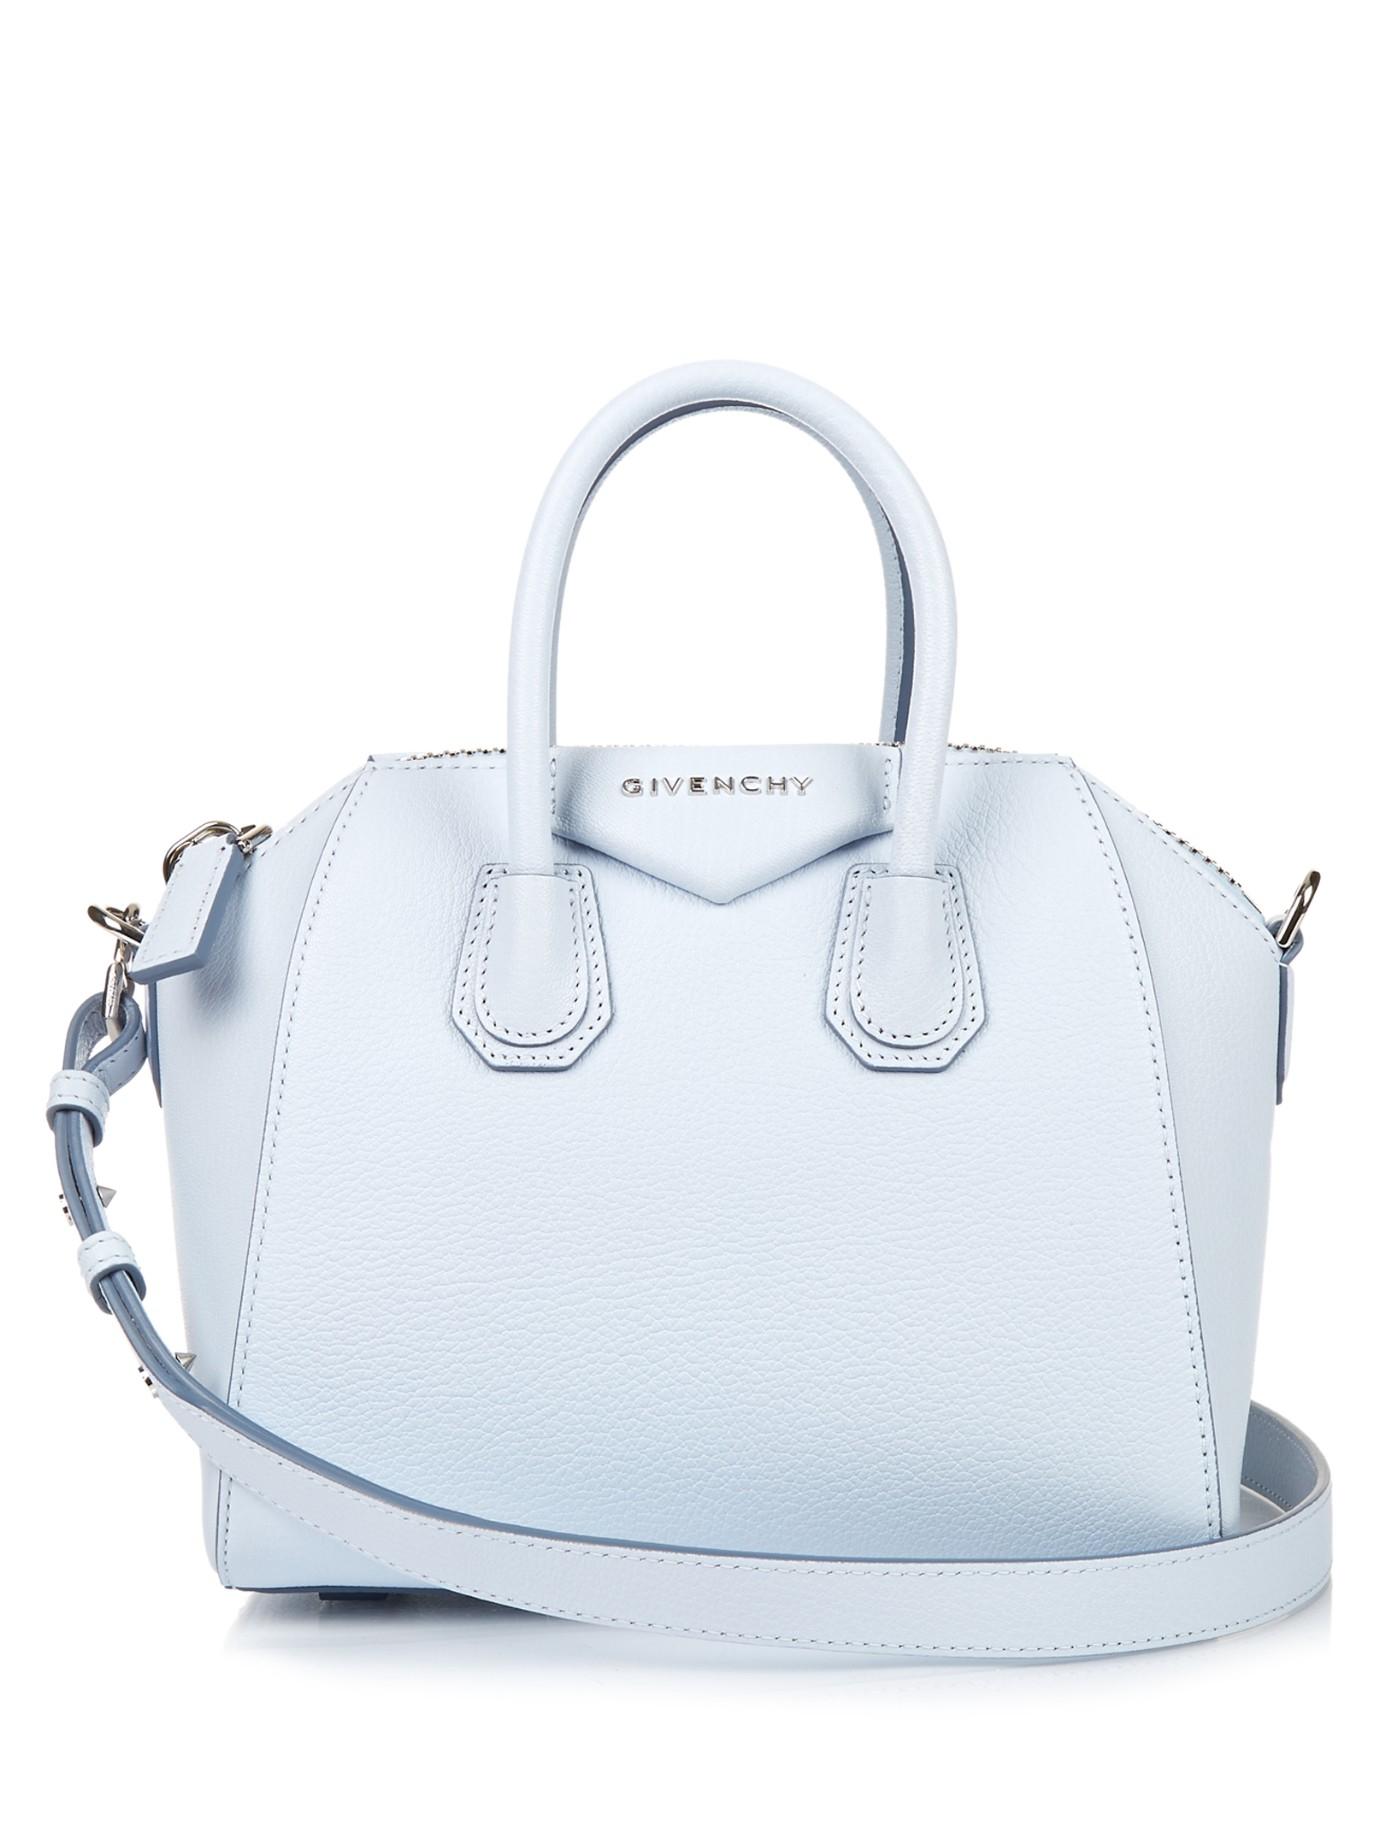 120a1ffbb54a Givenchy Antigona Mini Leather Cross-body Bag in Blue - Lyst